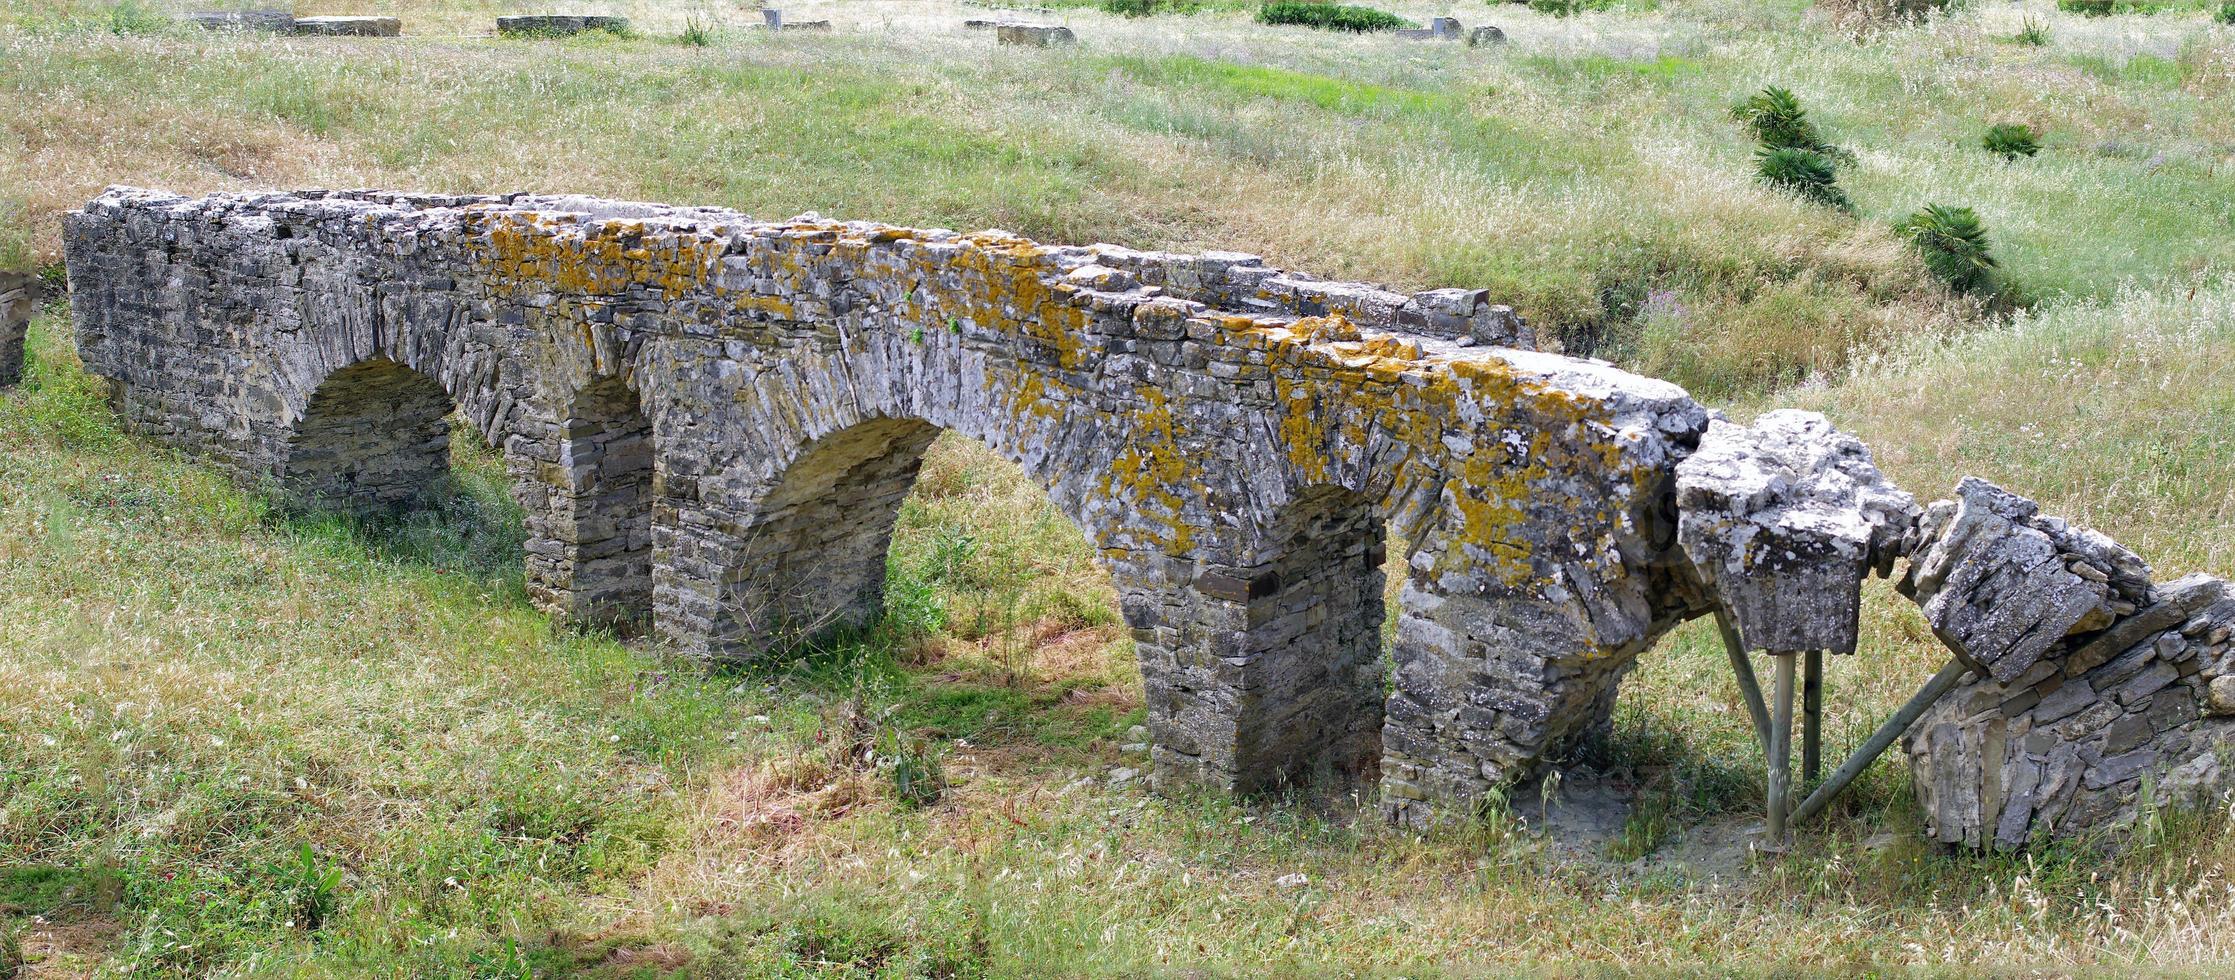 Römisches Aquädukt in Spanien. foto